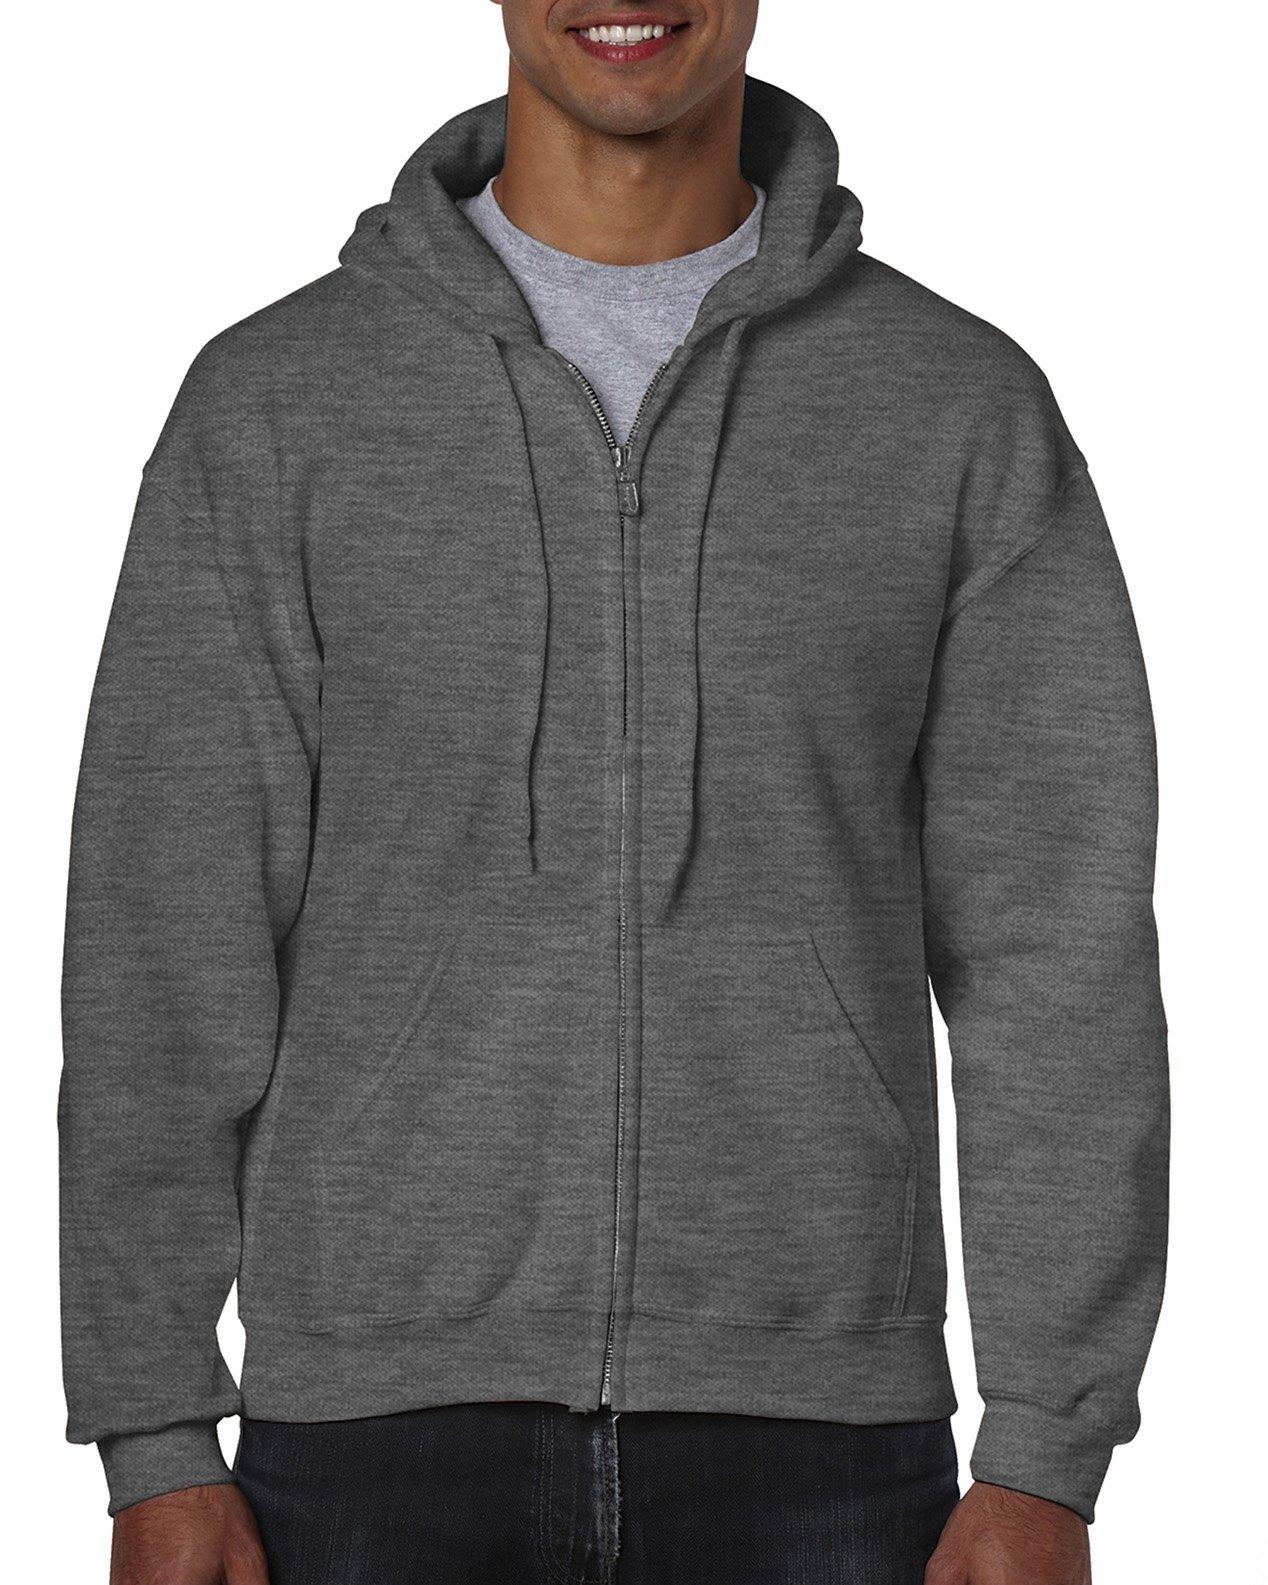 Gildan Men's Fleece Zip Hooded Sweatshirt Dark Heather Large by Gildan